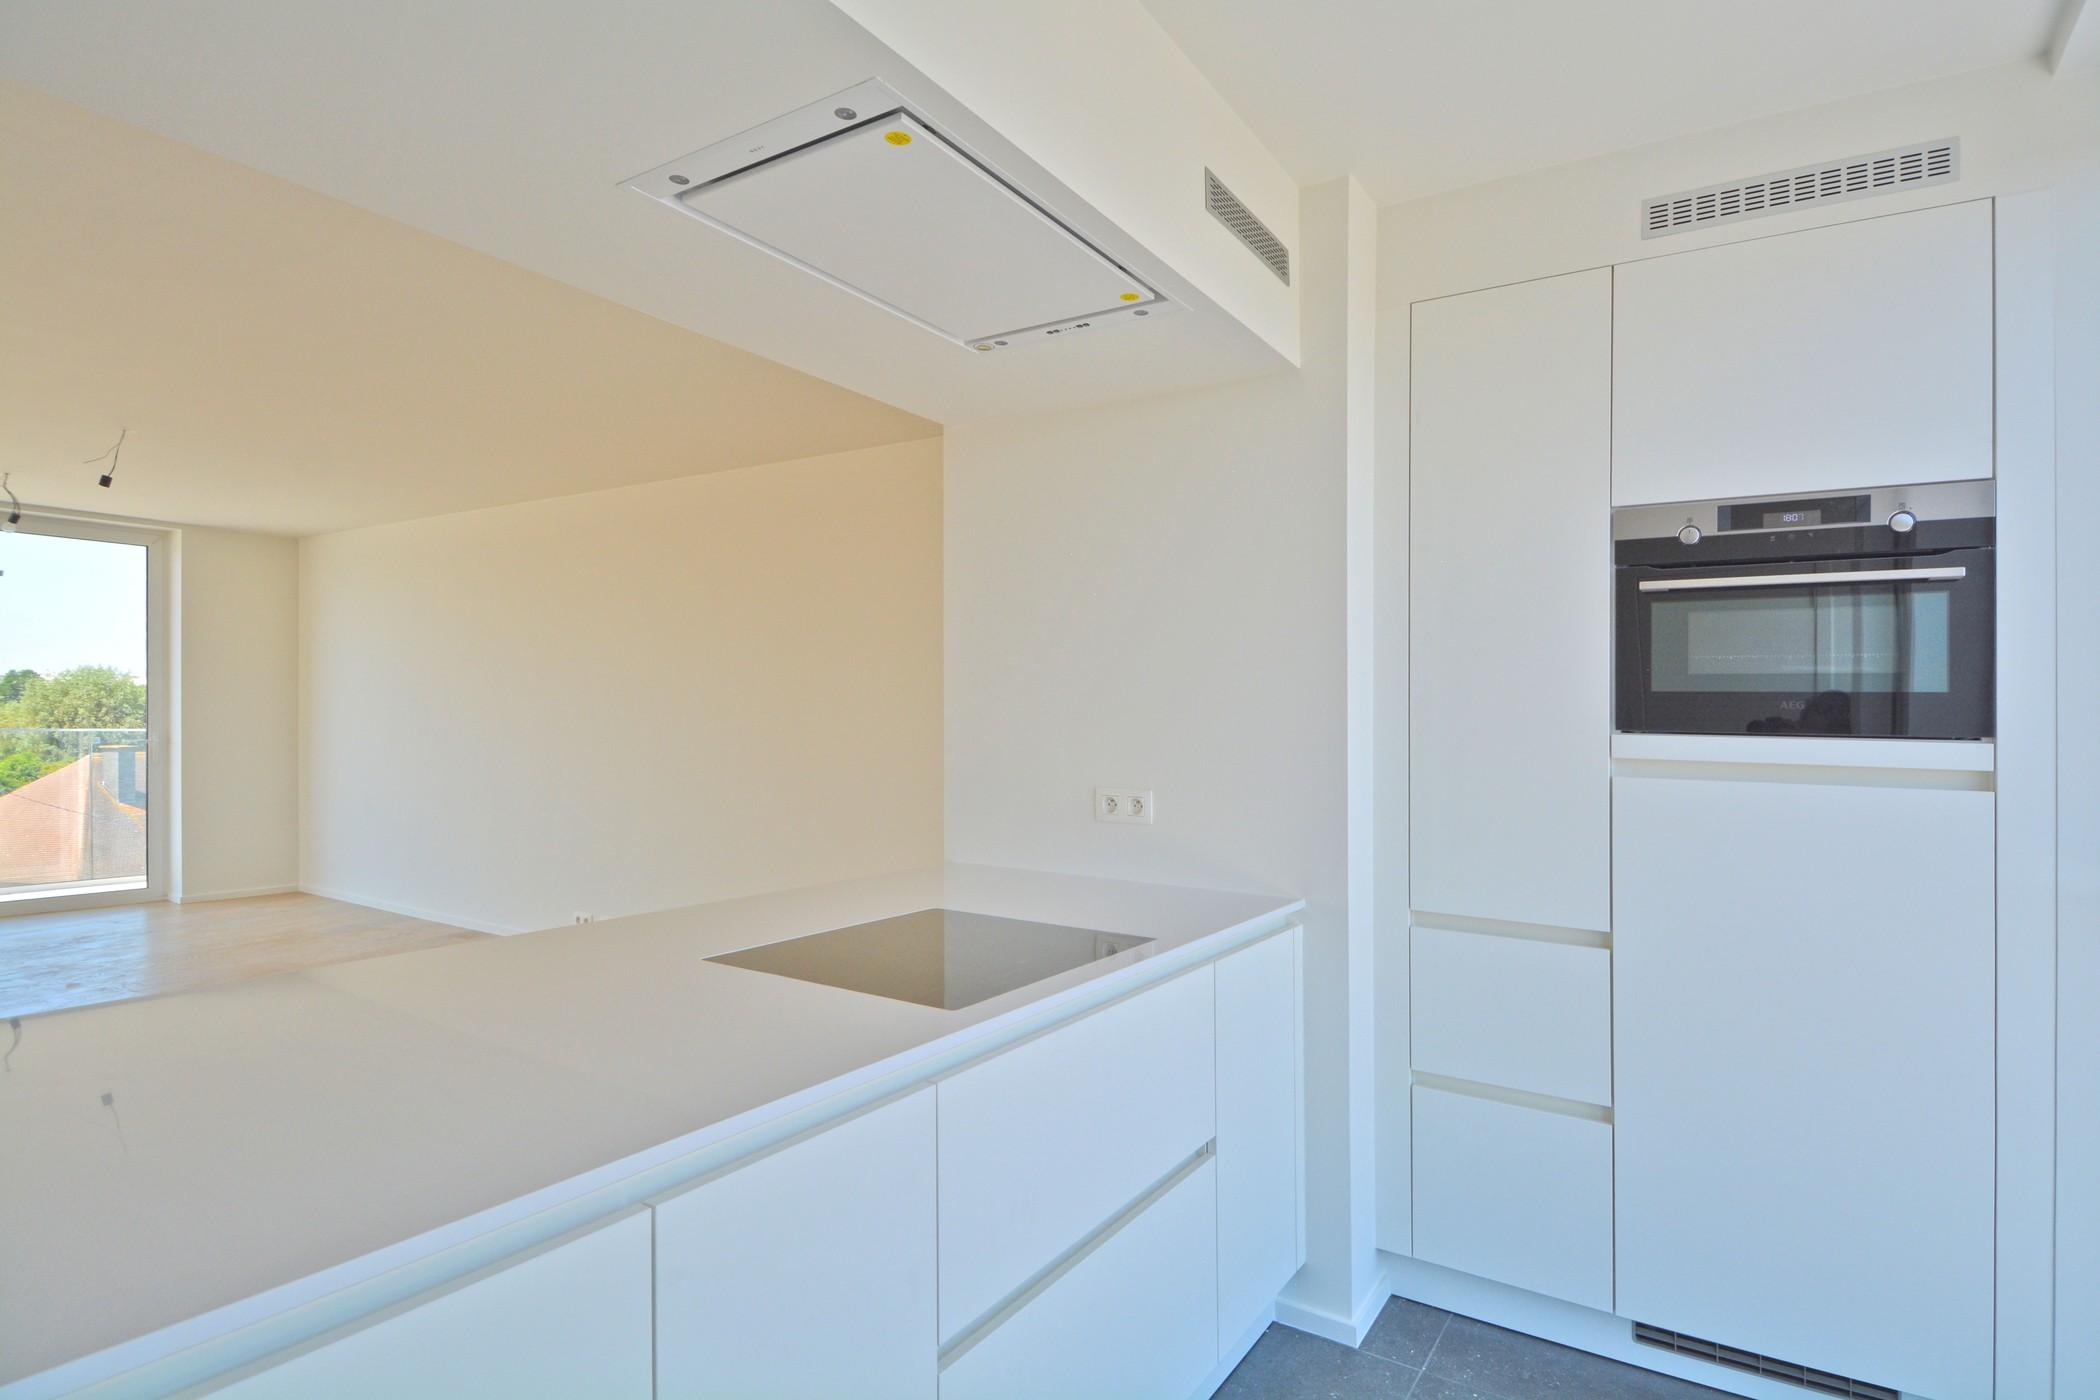 Lichtrijke penthouse met 2 slaapkamers Residentie Roosevelt -  - NS-047 Residentie Roosevelt 3.1CCC